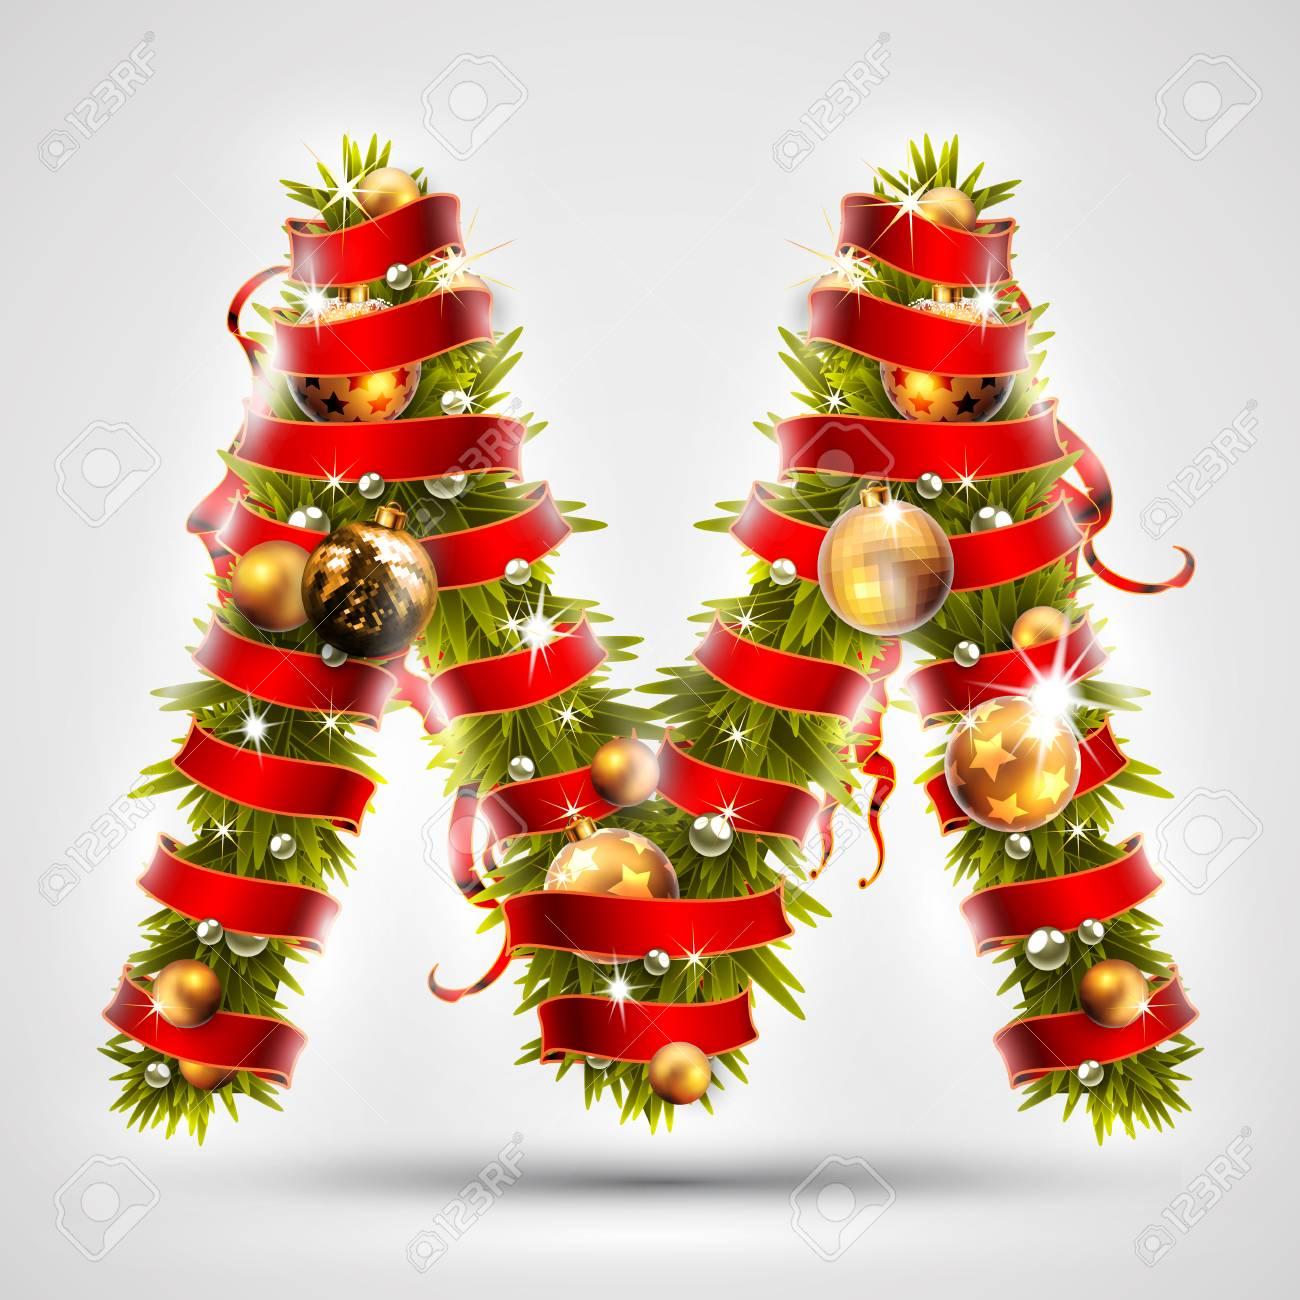 finest fuente de navidad letra m de ramas de rboles de navidad decorado con una with rboles de navidad decorados with imagenes arboles de navidad decorados - Rboles De Navidad Decorados